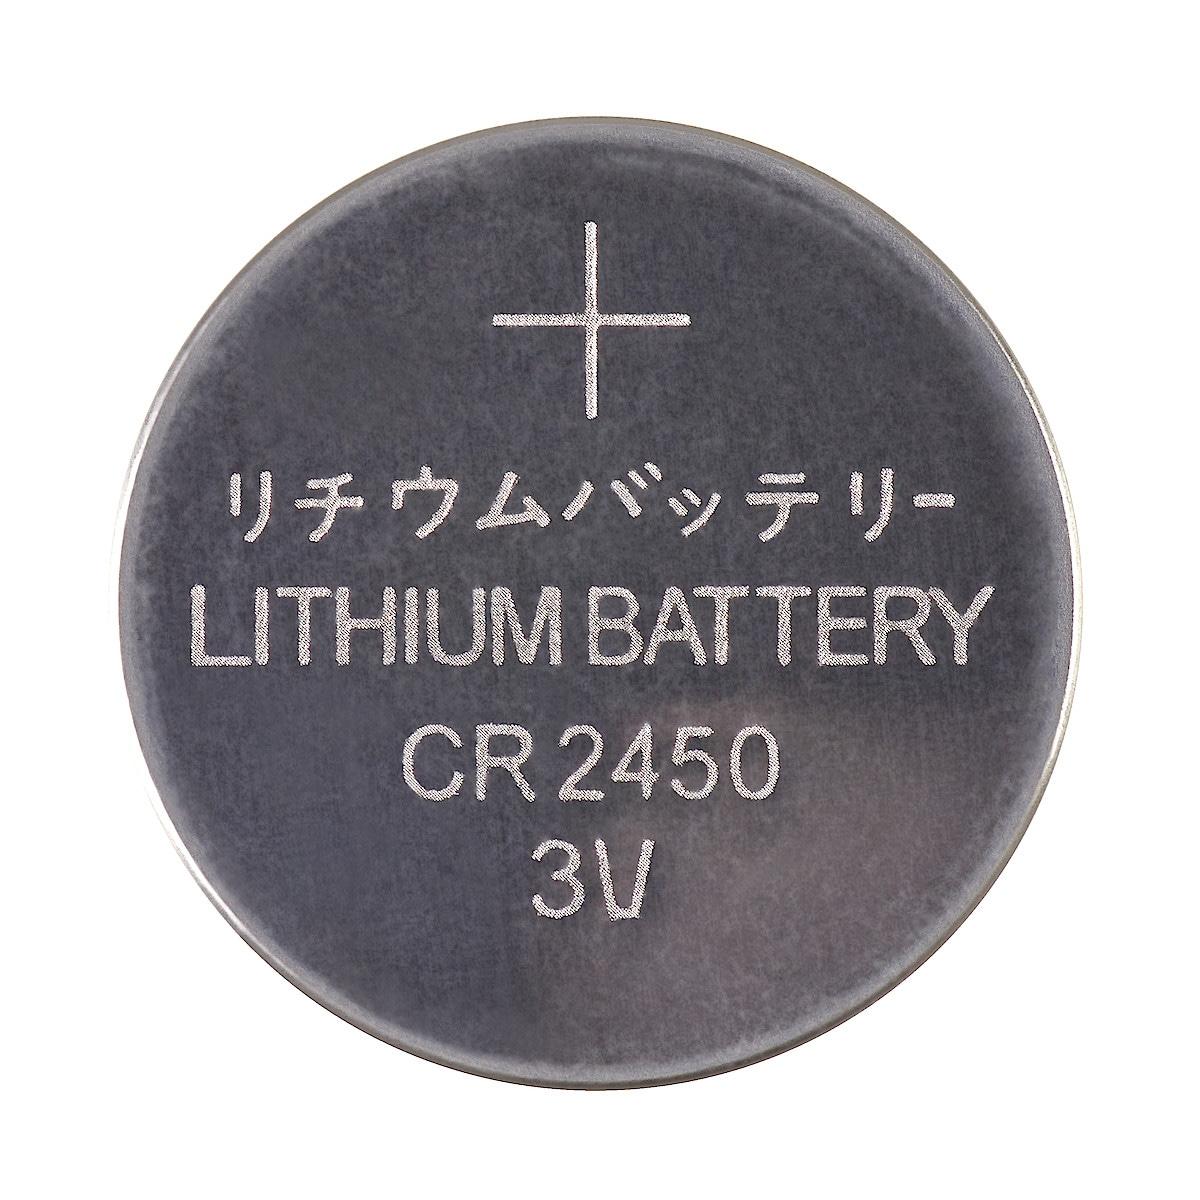 3 V CR2450 Lithium Battery